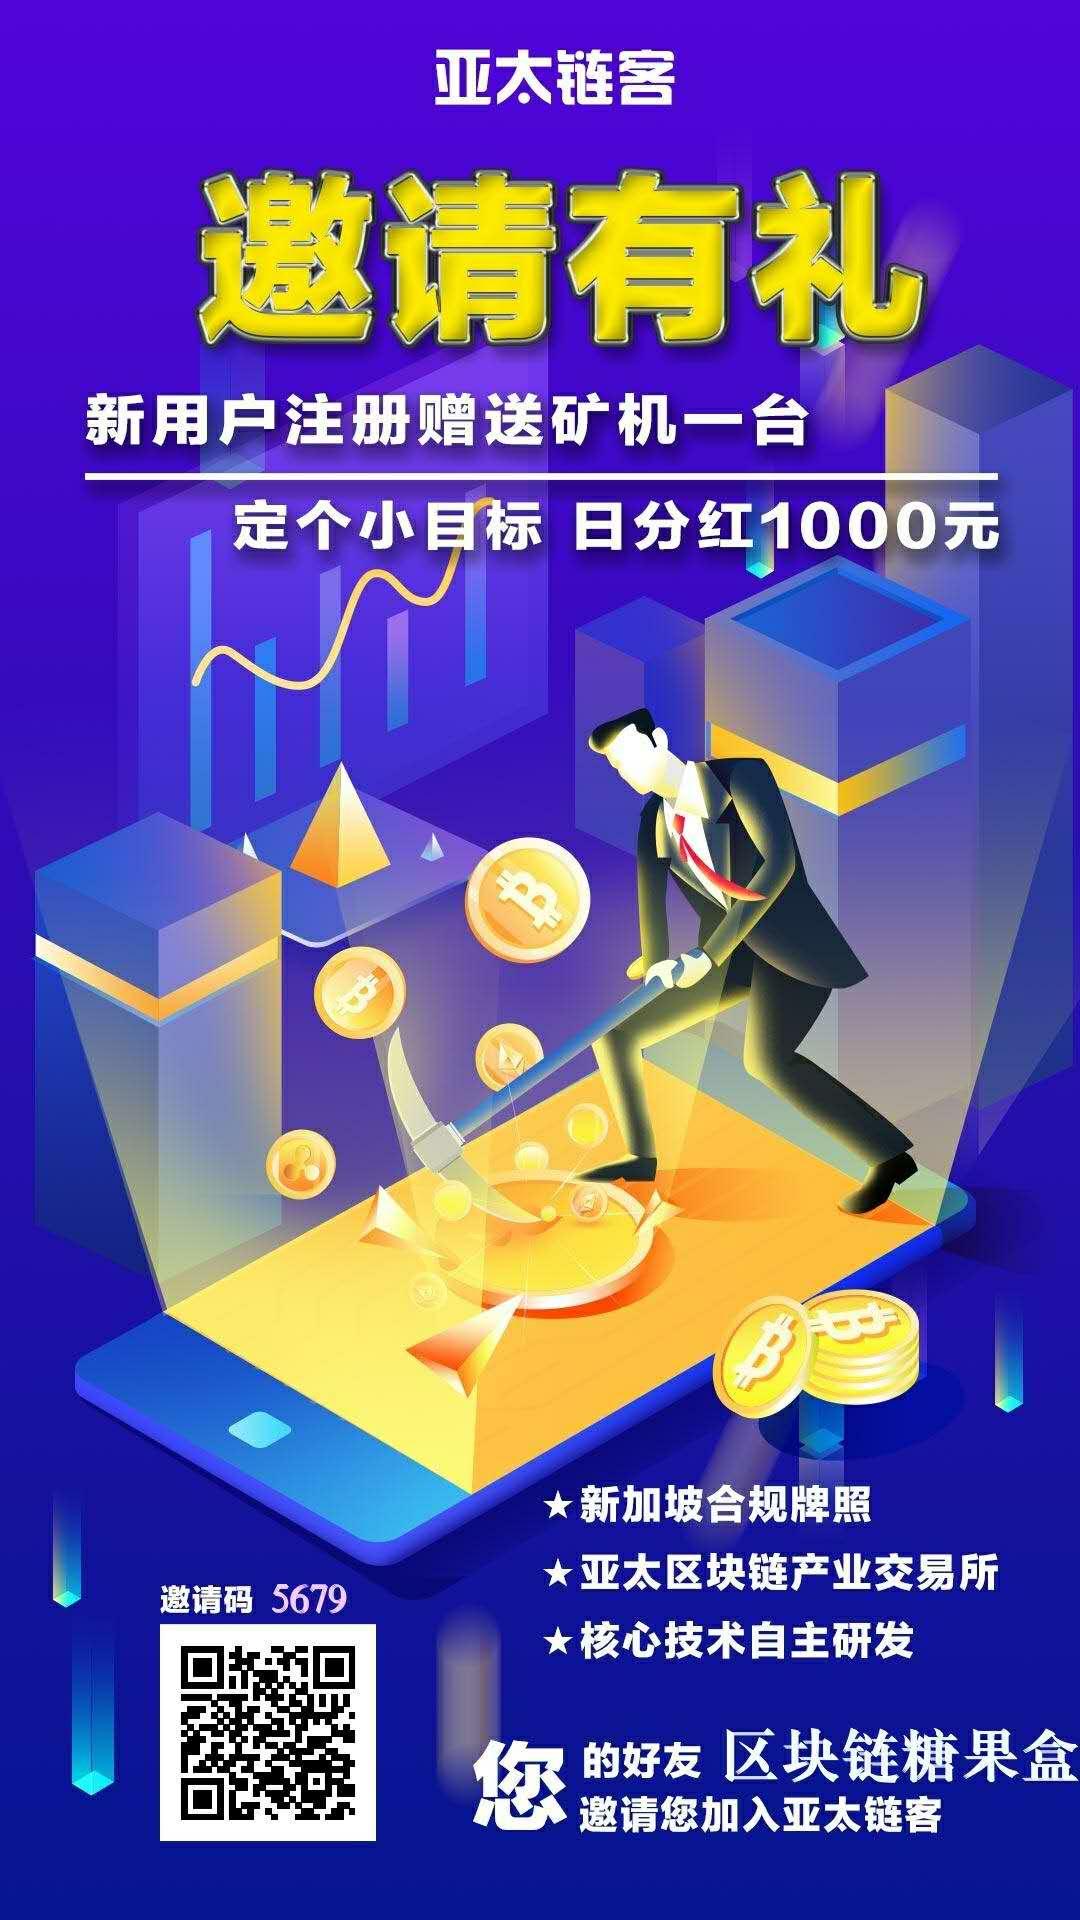 亚太链客SHL -正在空投糖果,注册并认证,兑换矿机1台,星级达人,团队化推广